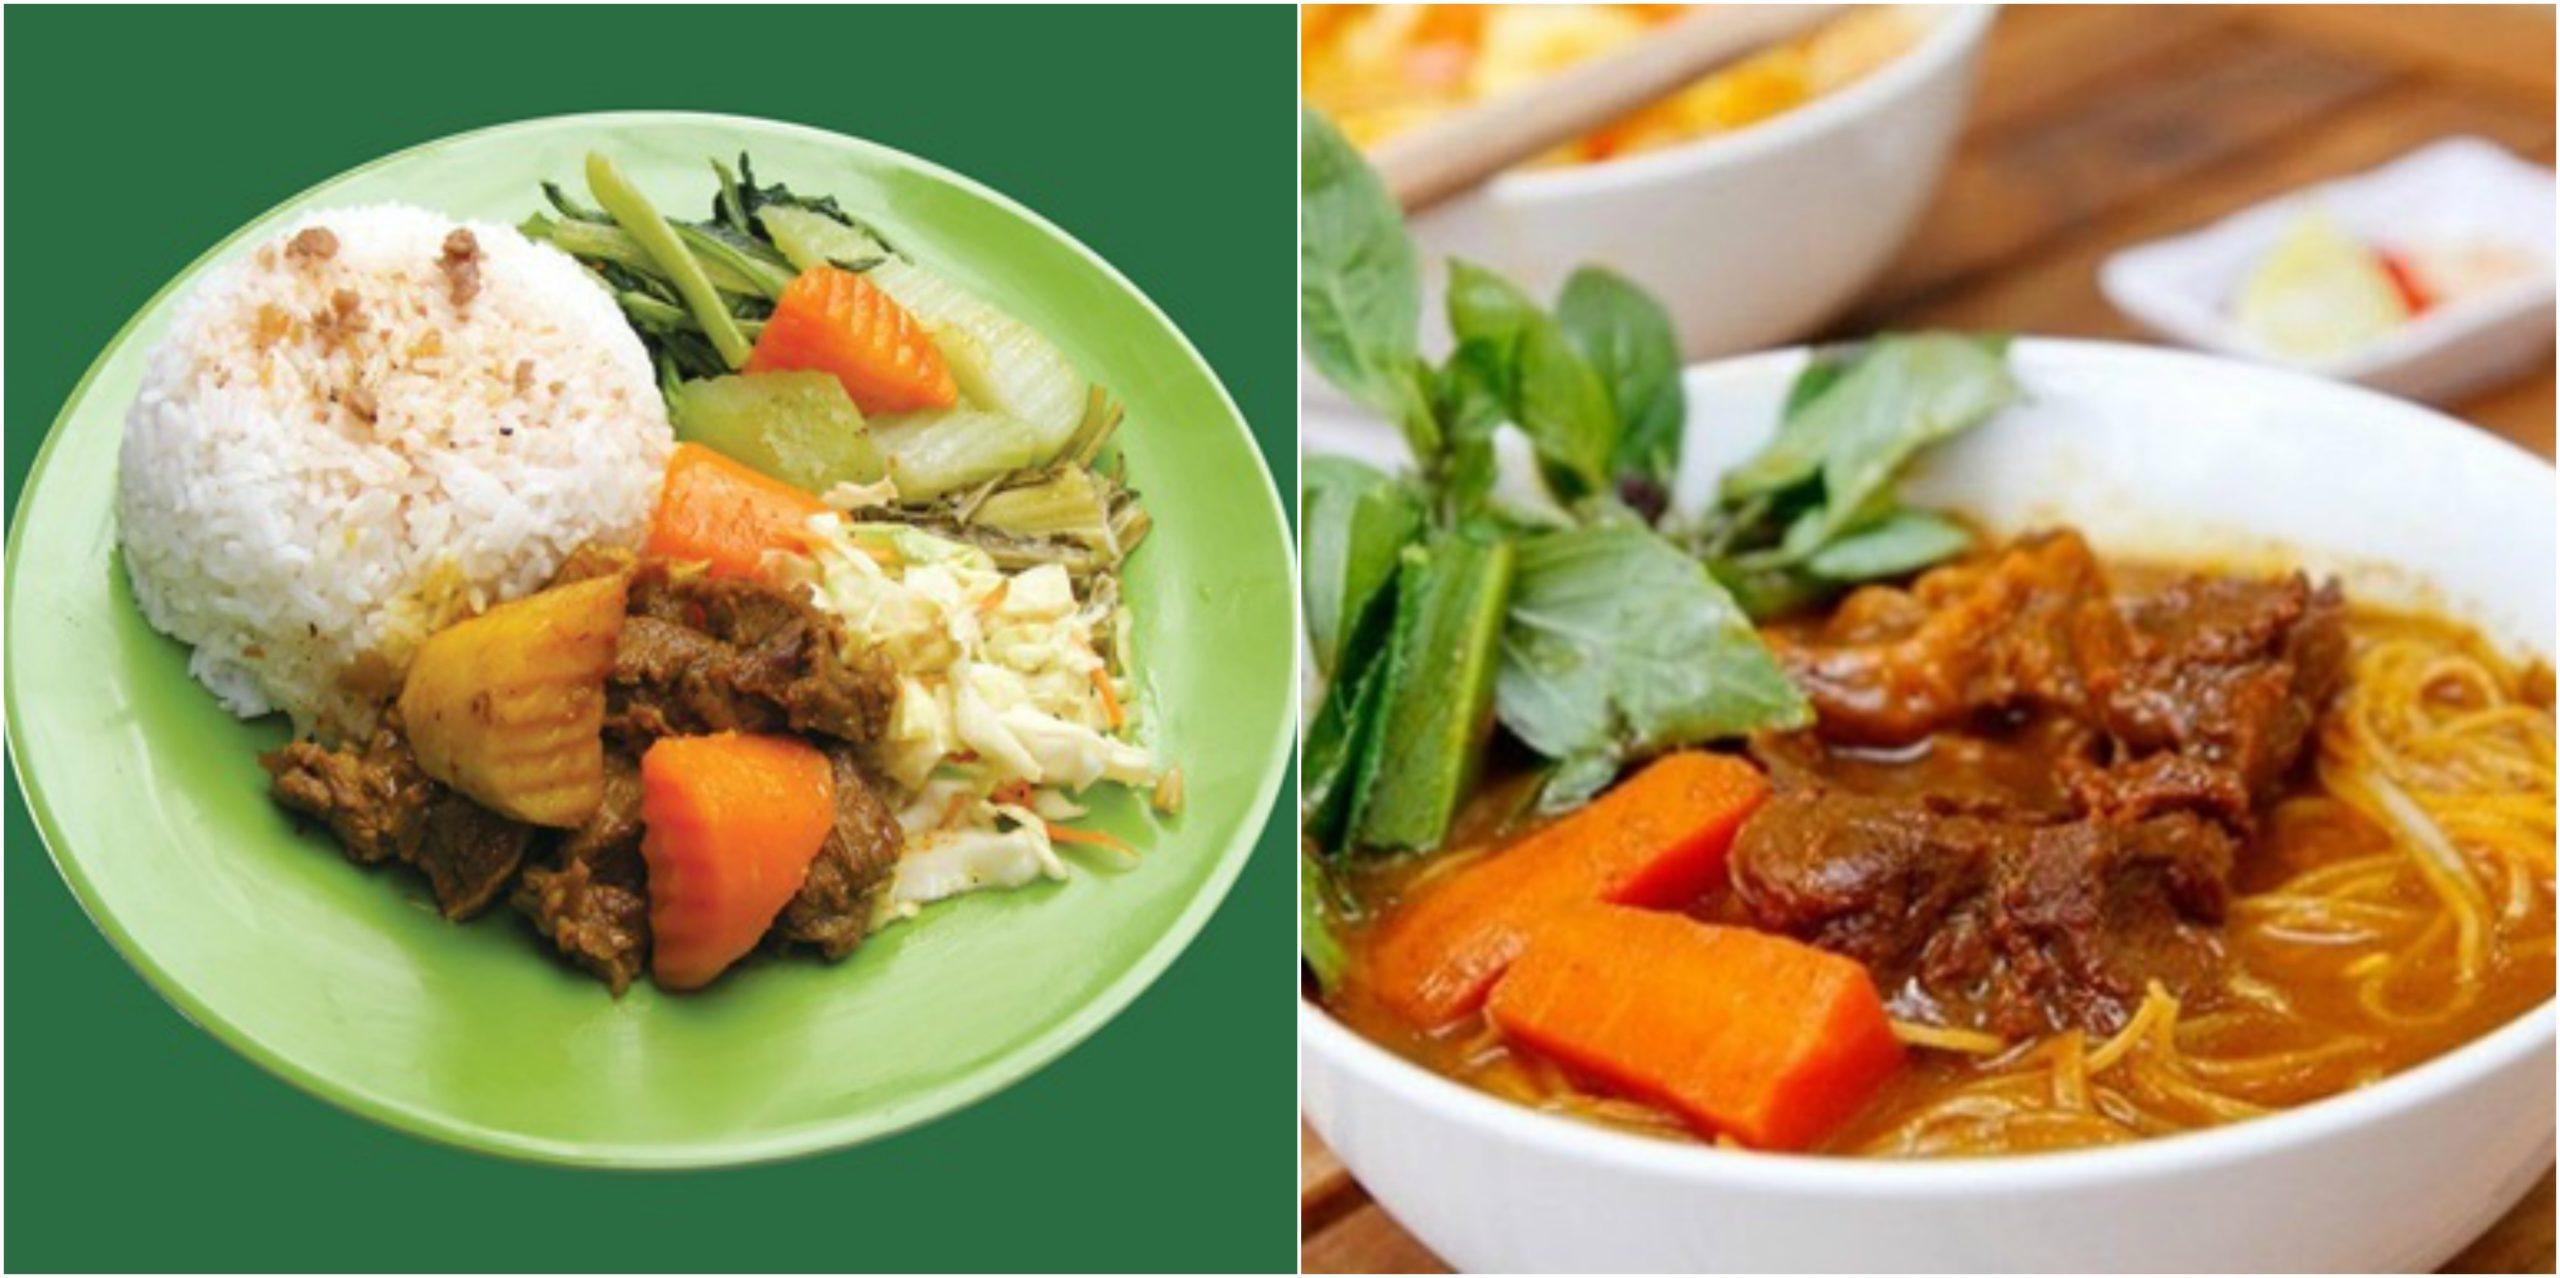 Cơm (trắng), thường có nguyên liệu là gạo tẻ/ gạo nếp và không có thêm gia vị, là thức ăn gần như hàng ngày của người Đông Nam Á và Đông Á. Cơm trắng còn là nguyên liệu cho các món ăn chế biến khác nhau